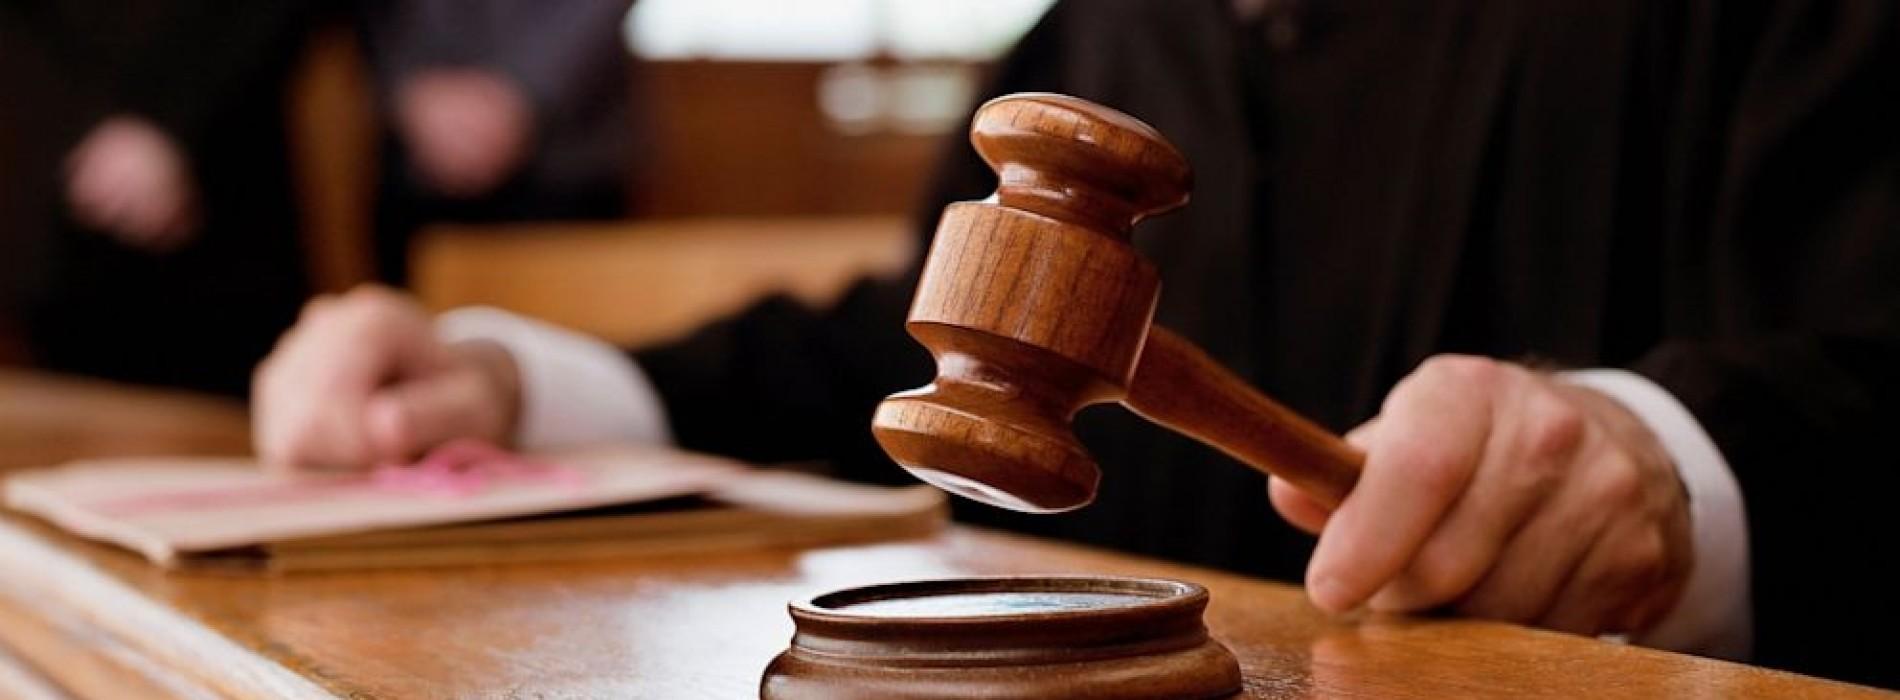 Серик Ахметов подал апелляционную жалобу